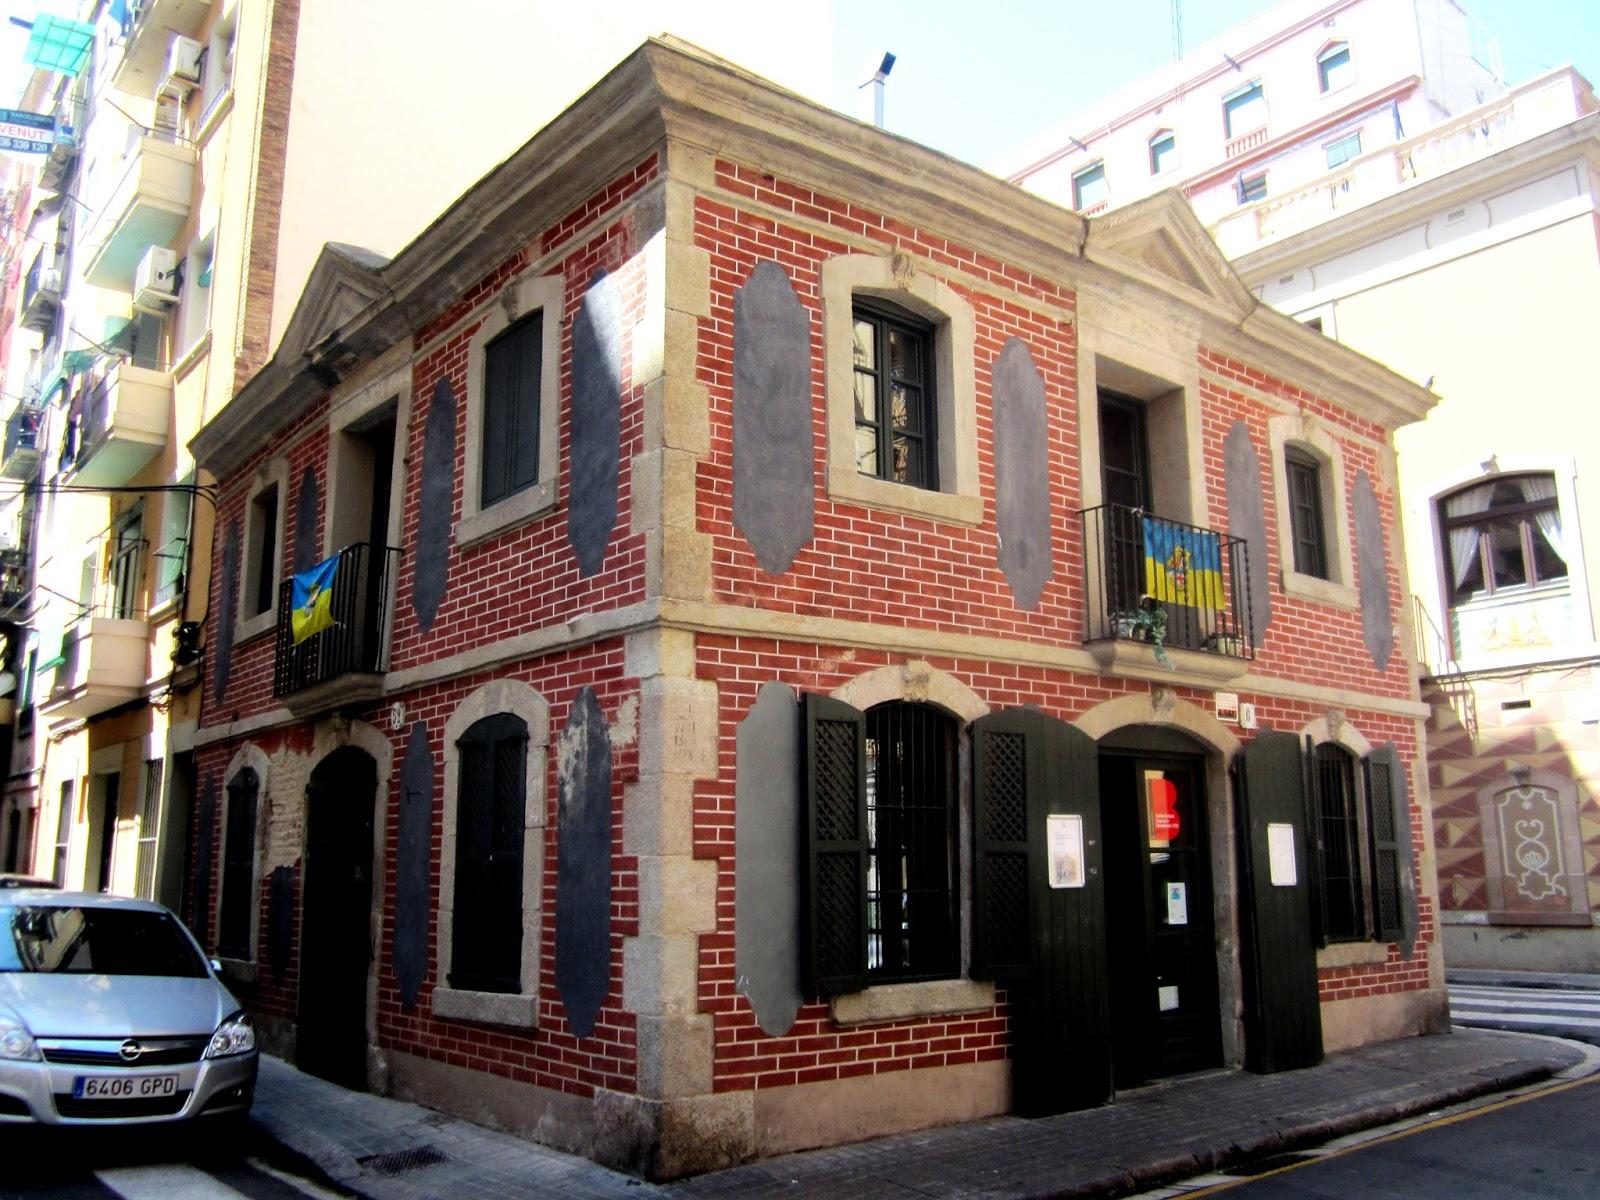 Redescubriendo barcelona y m s all 25 05 2016 la casa de la barceloneta 1761 - Apartamentos en la barceloneta ...